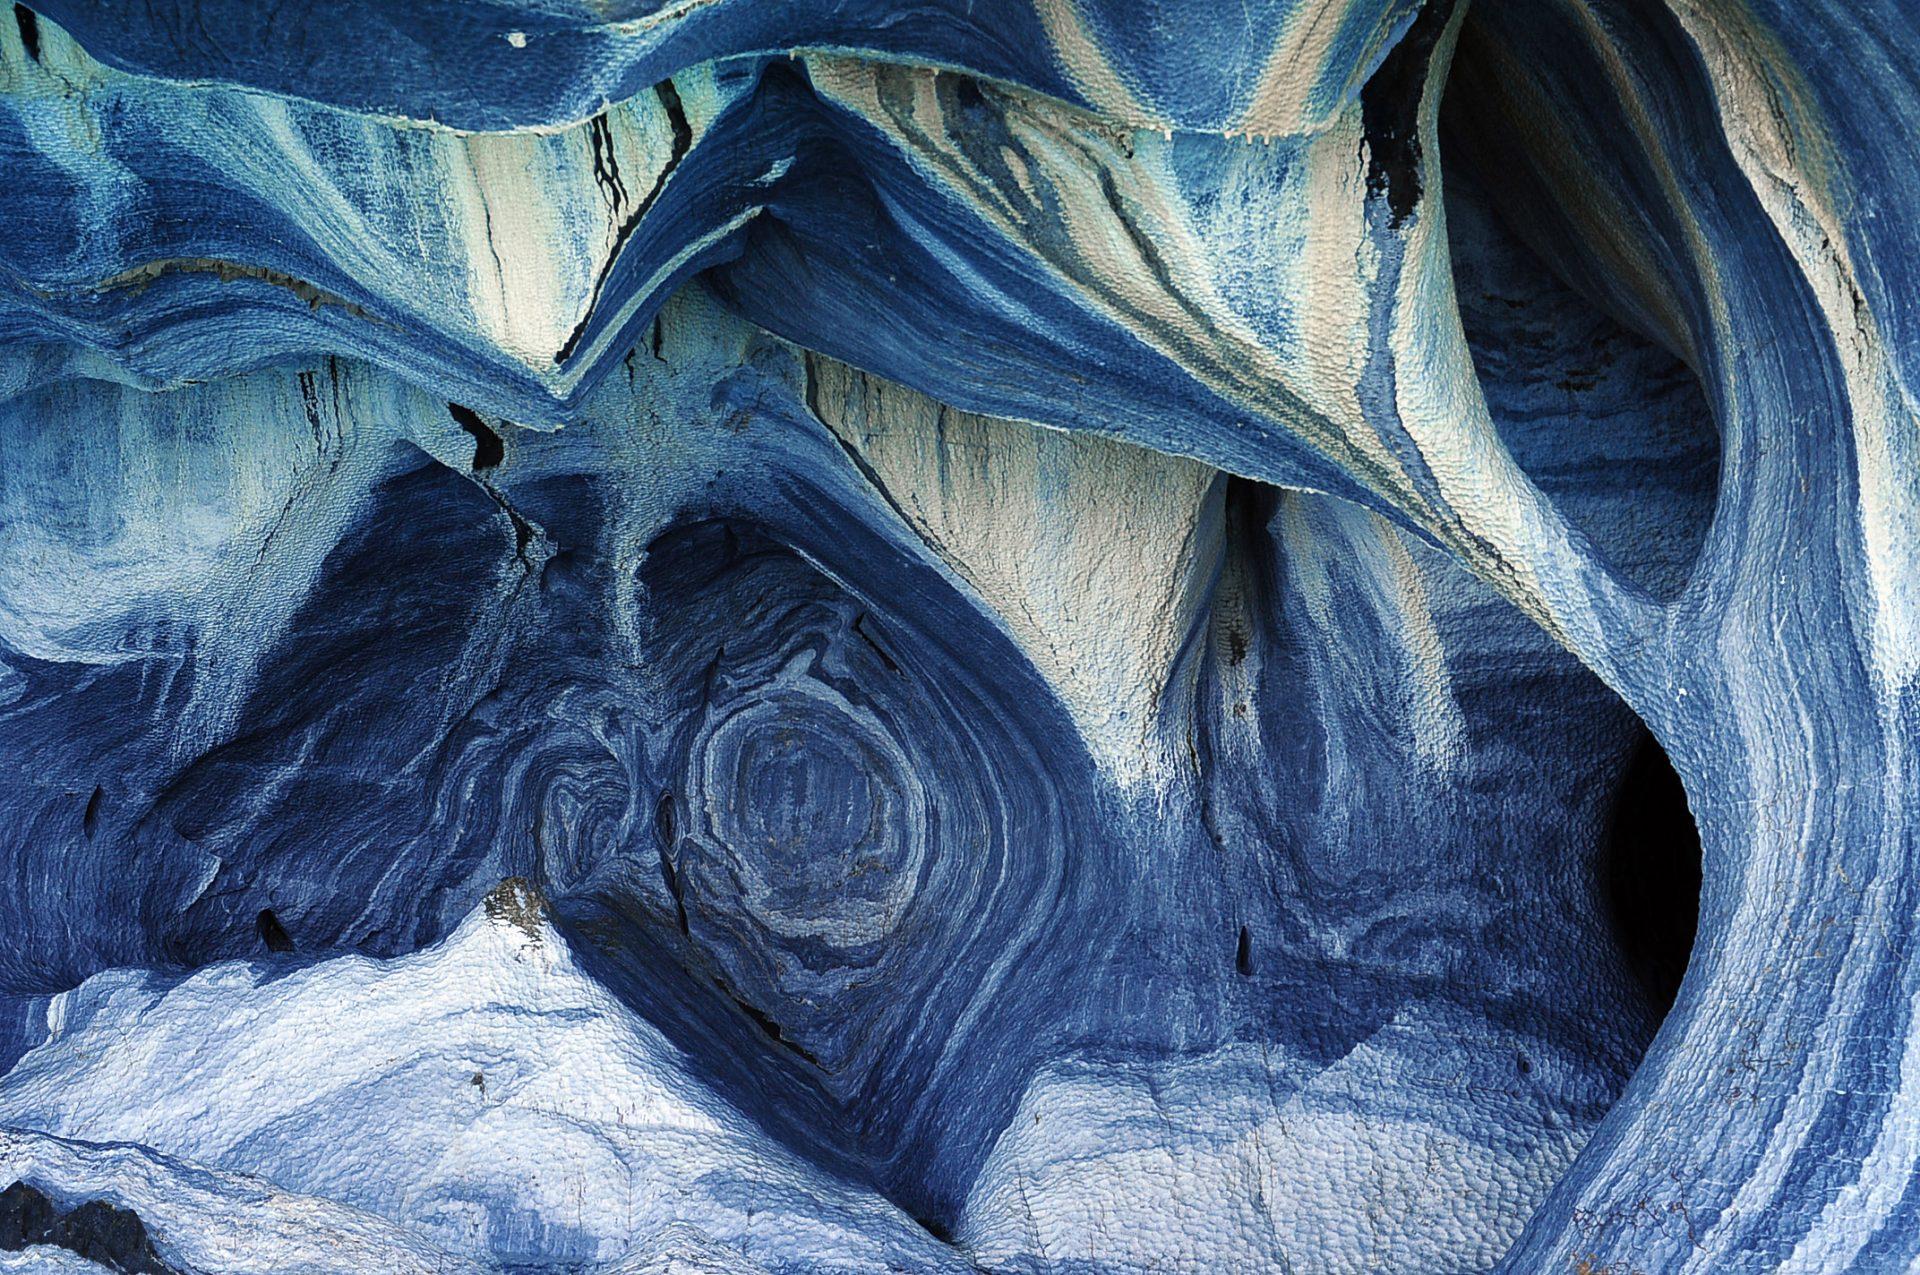 Formações rochosas são atrações imperdíveis na Patagônia chilena